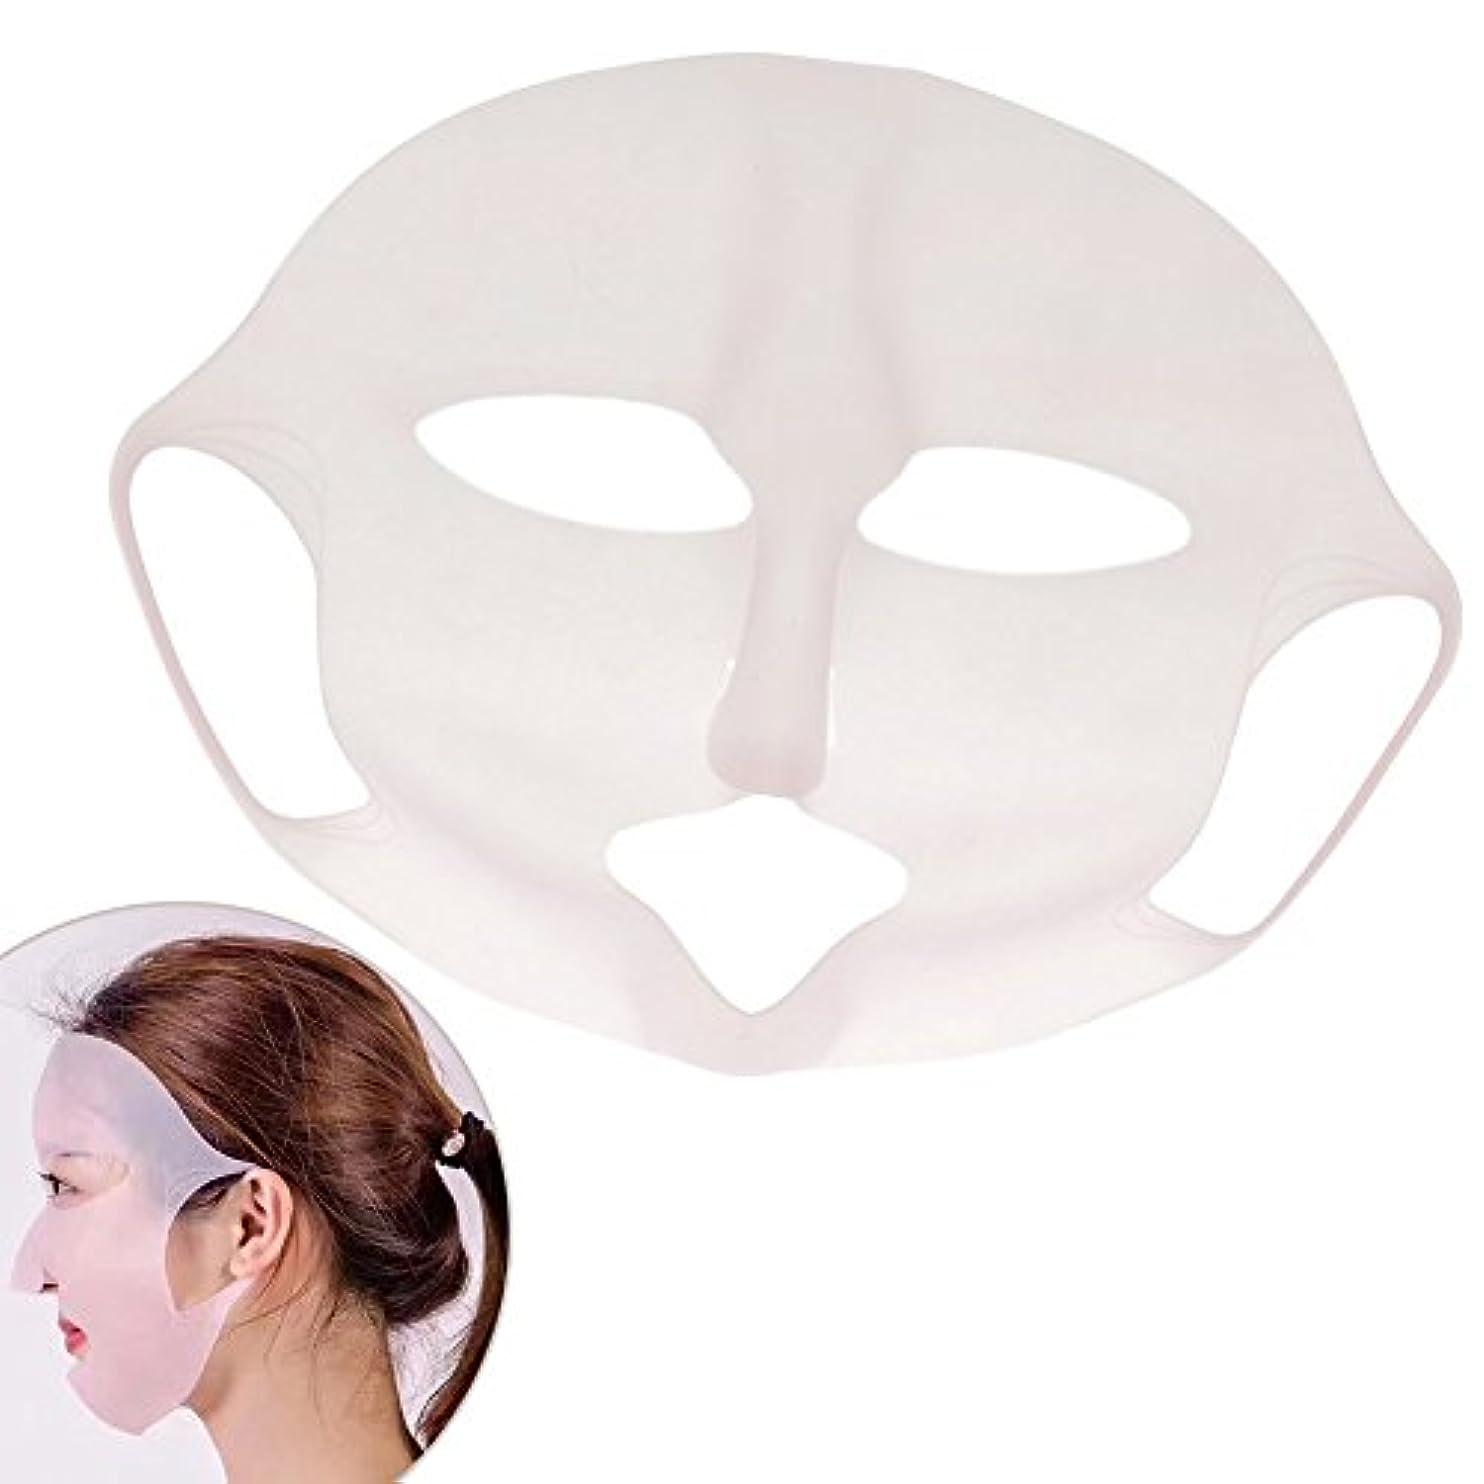 カポック講義位置づけるフェイスパックカバー シリコンマスク フェイスマスク 美容液 防蒸発 保湿 便利なグッズ 吸収 3枚入り 21cm